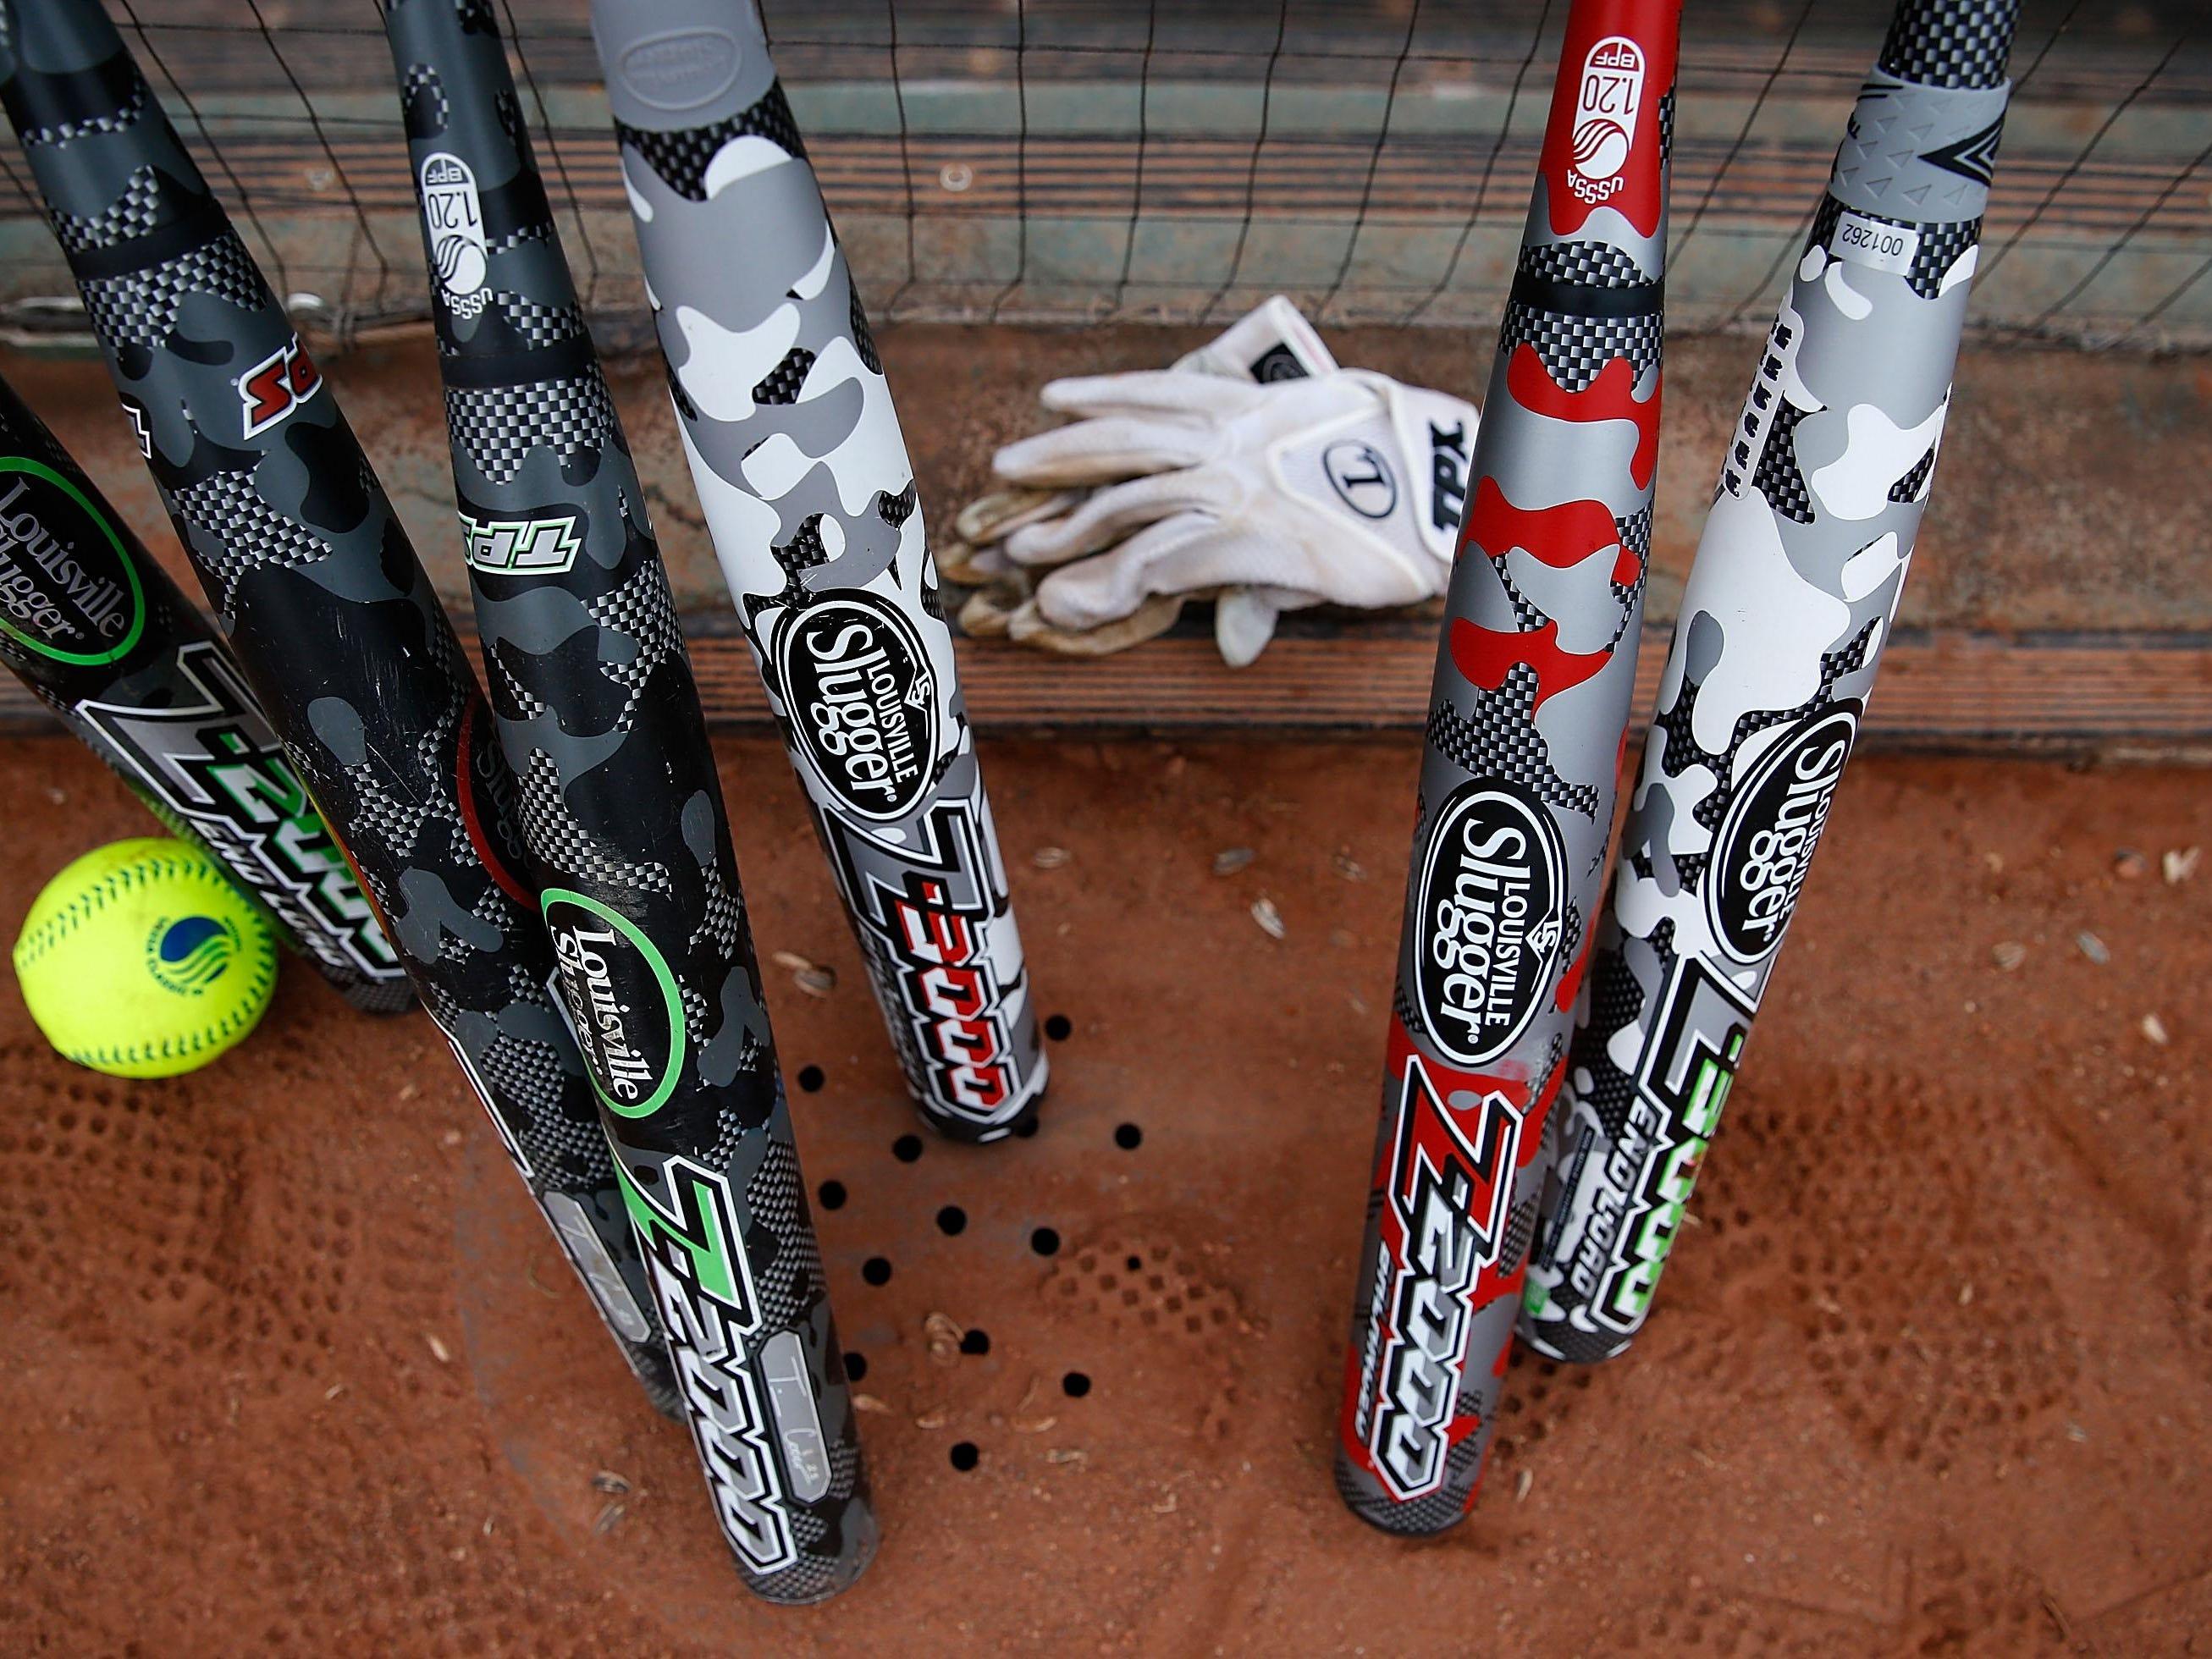 Baseball and softball were played Monday.